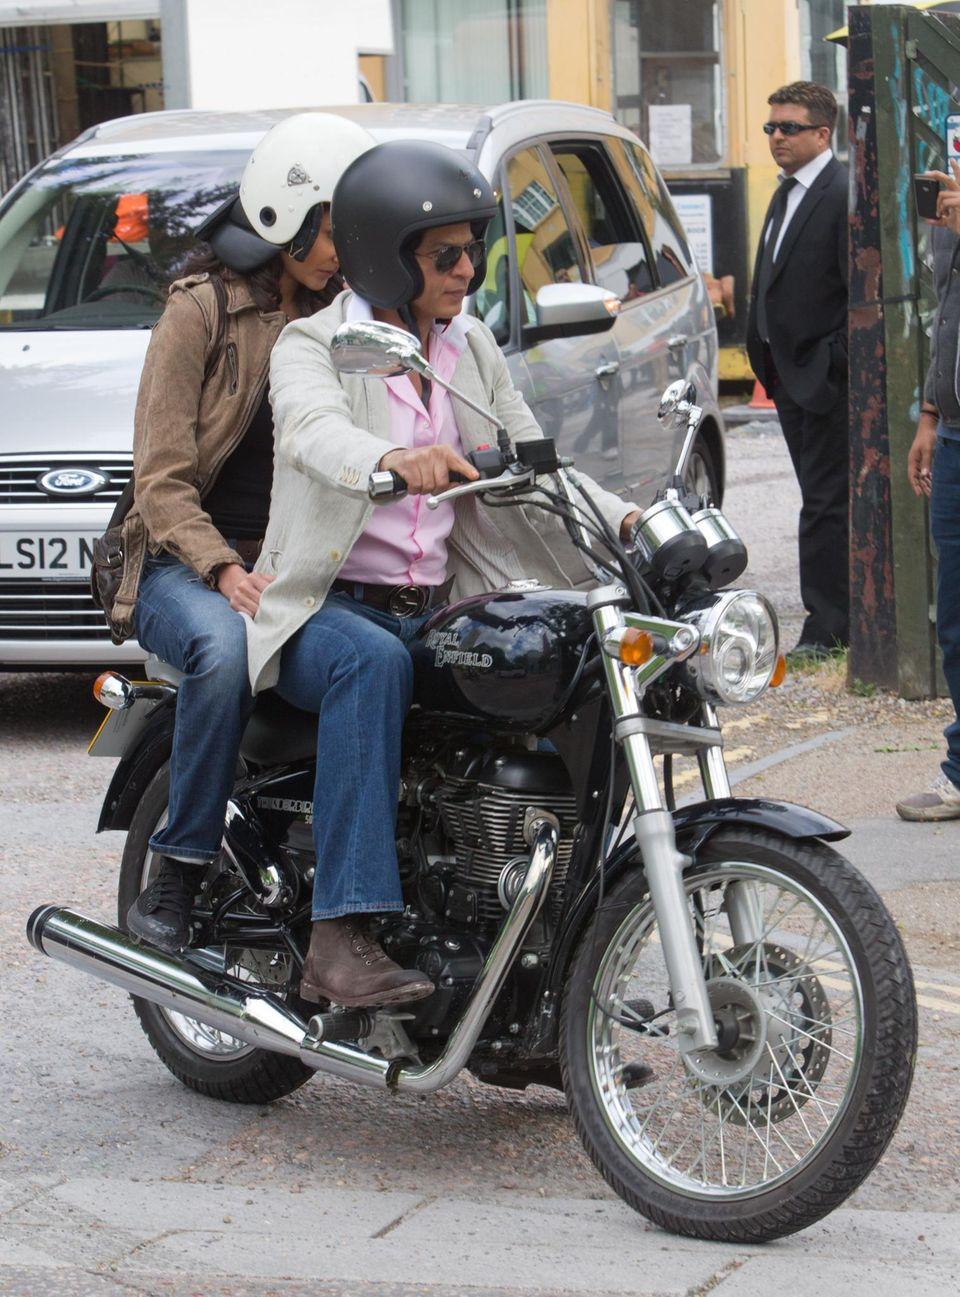 Shah Rukh Khan macht die Stunts für seine Filme meist selbst. Eine Tour auf dem Motorrad, wie hier bei Dreharbeiten im Juni 2012 in London, ist da noch harmlos.